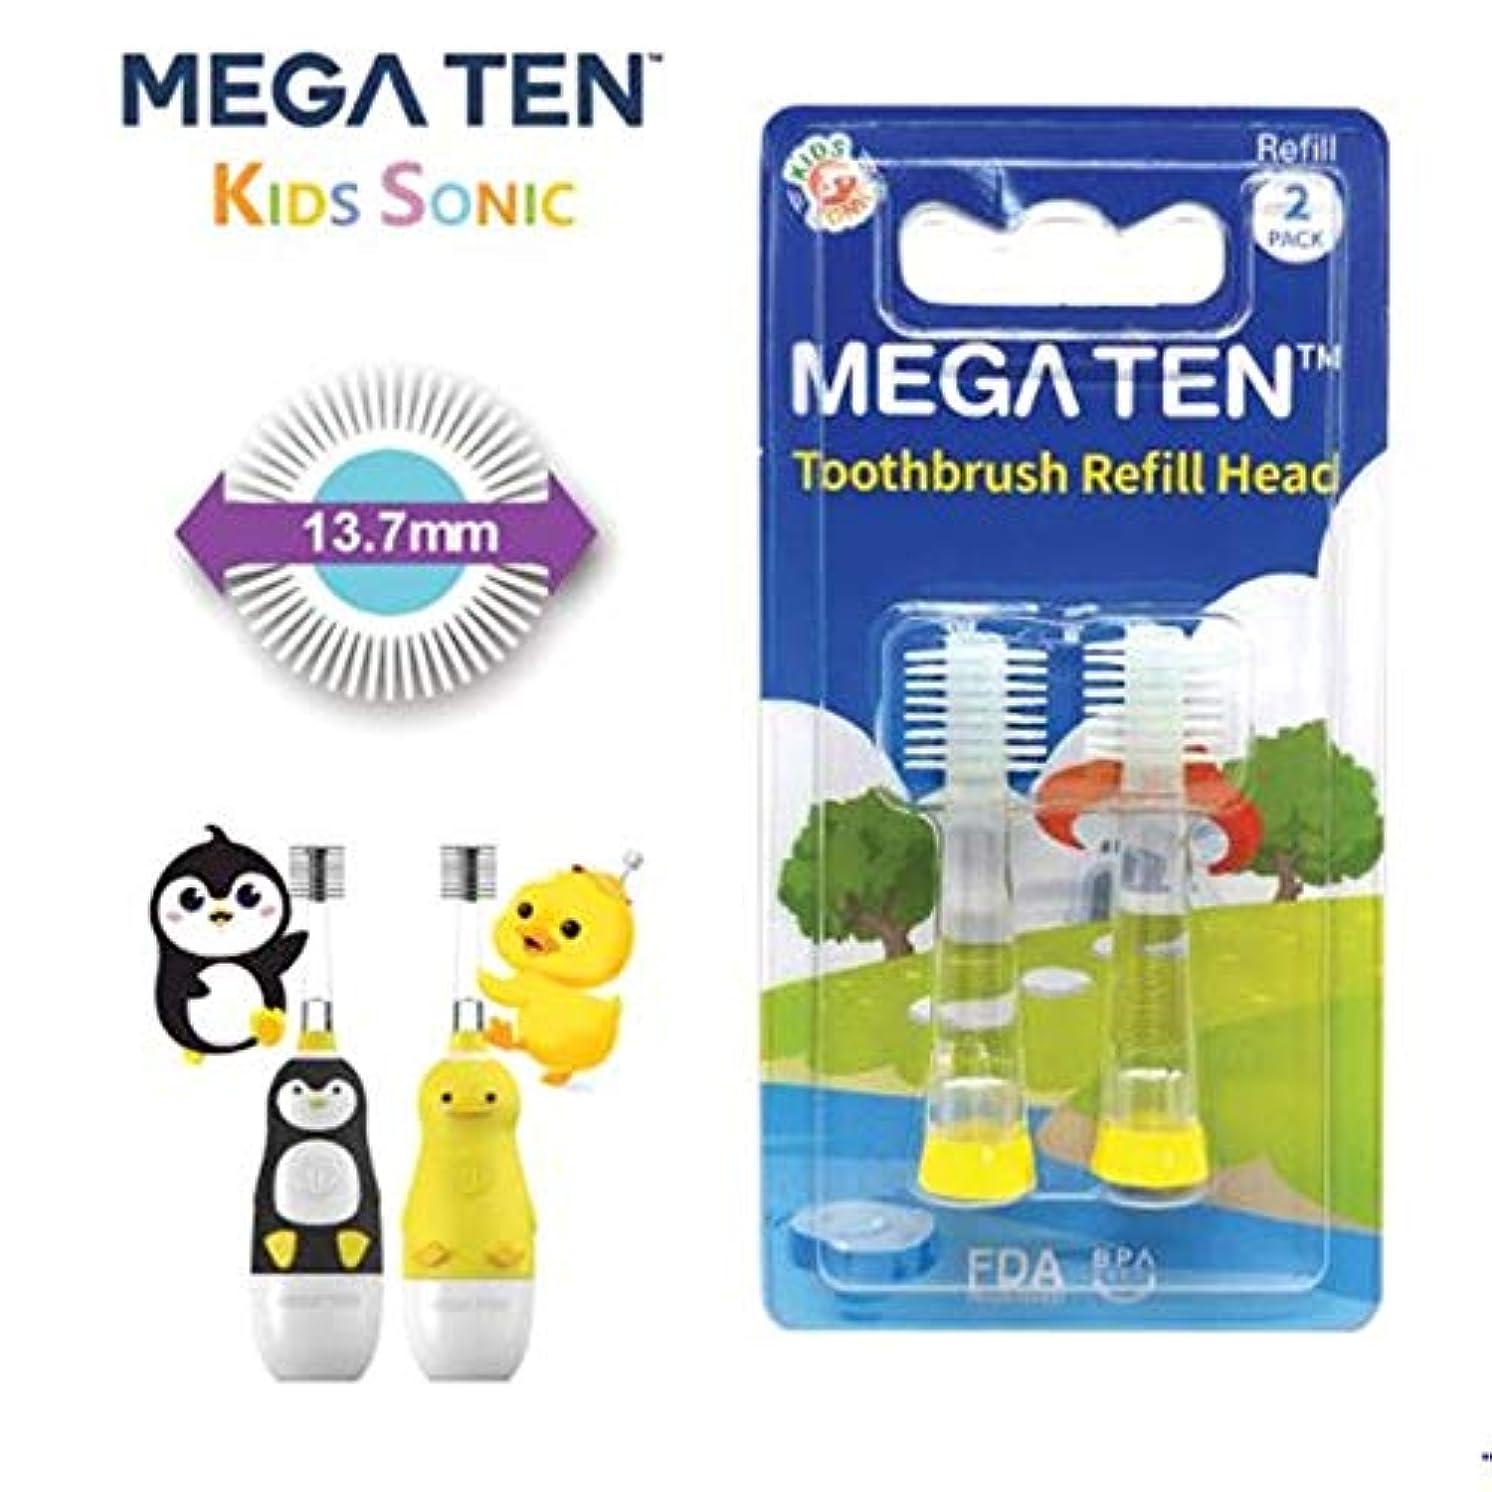 望遠鏡妊娠した世論調査MEGA TEN 子供用 360度 2万本超極細毛ソフト 電動歯ブラシ LED付き 音波振動 IPX7防水 (替えブラシ)